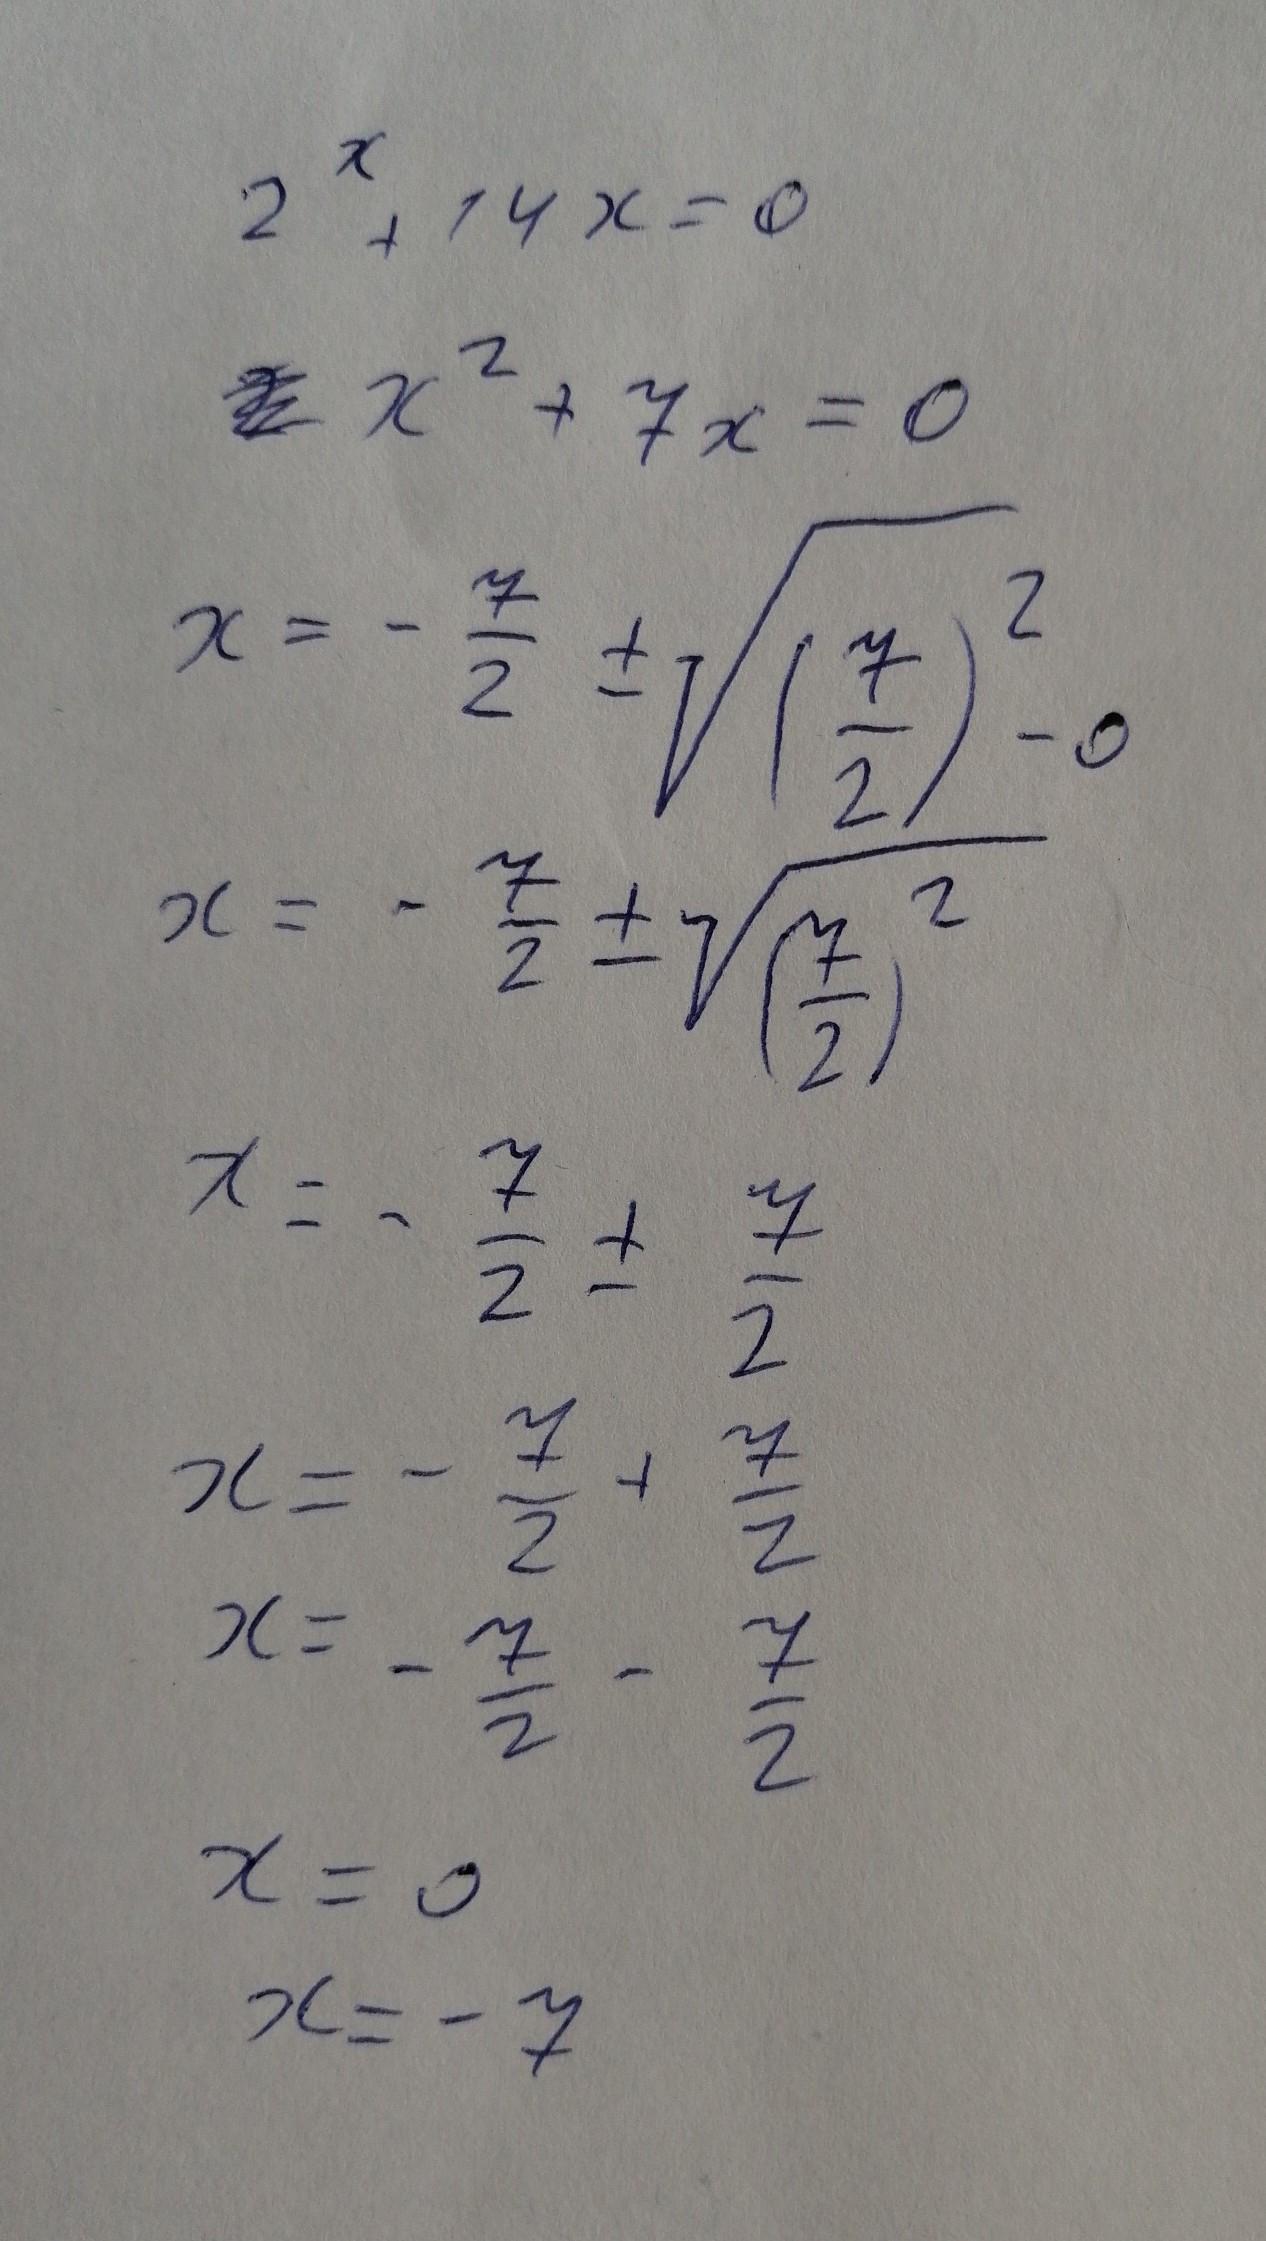 Квадратное уравнения 2x^2+14x=0